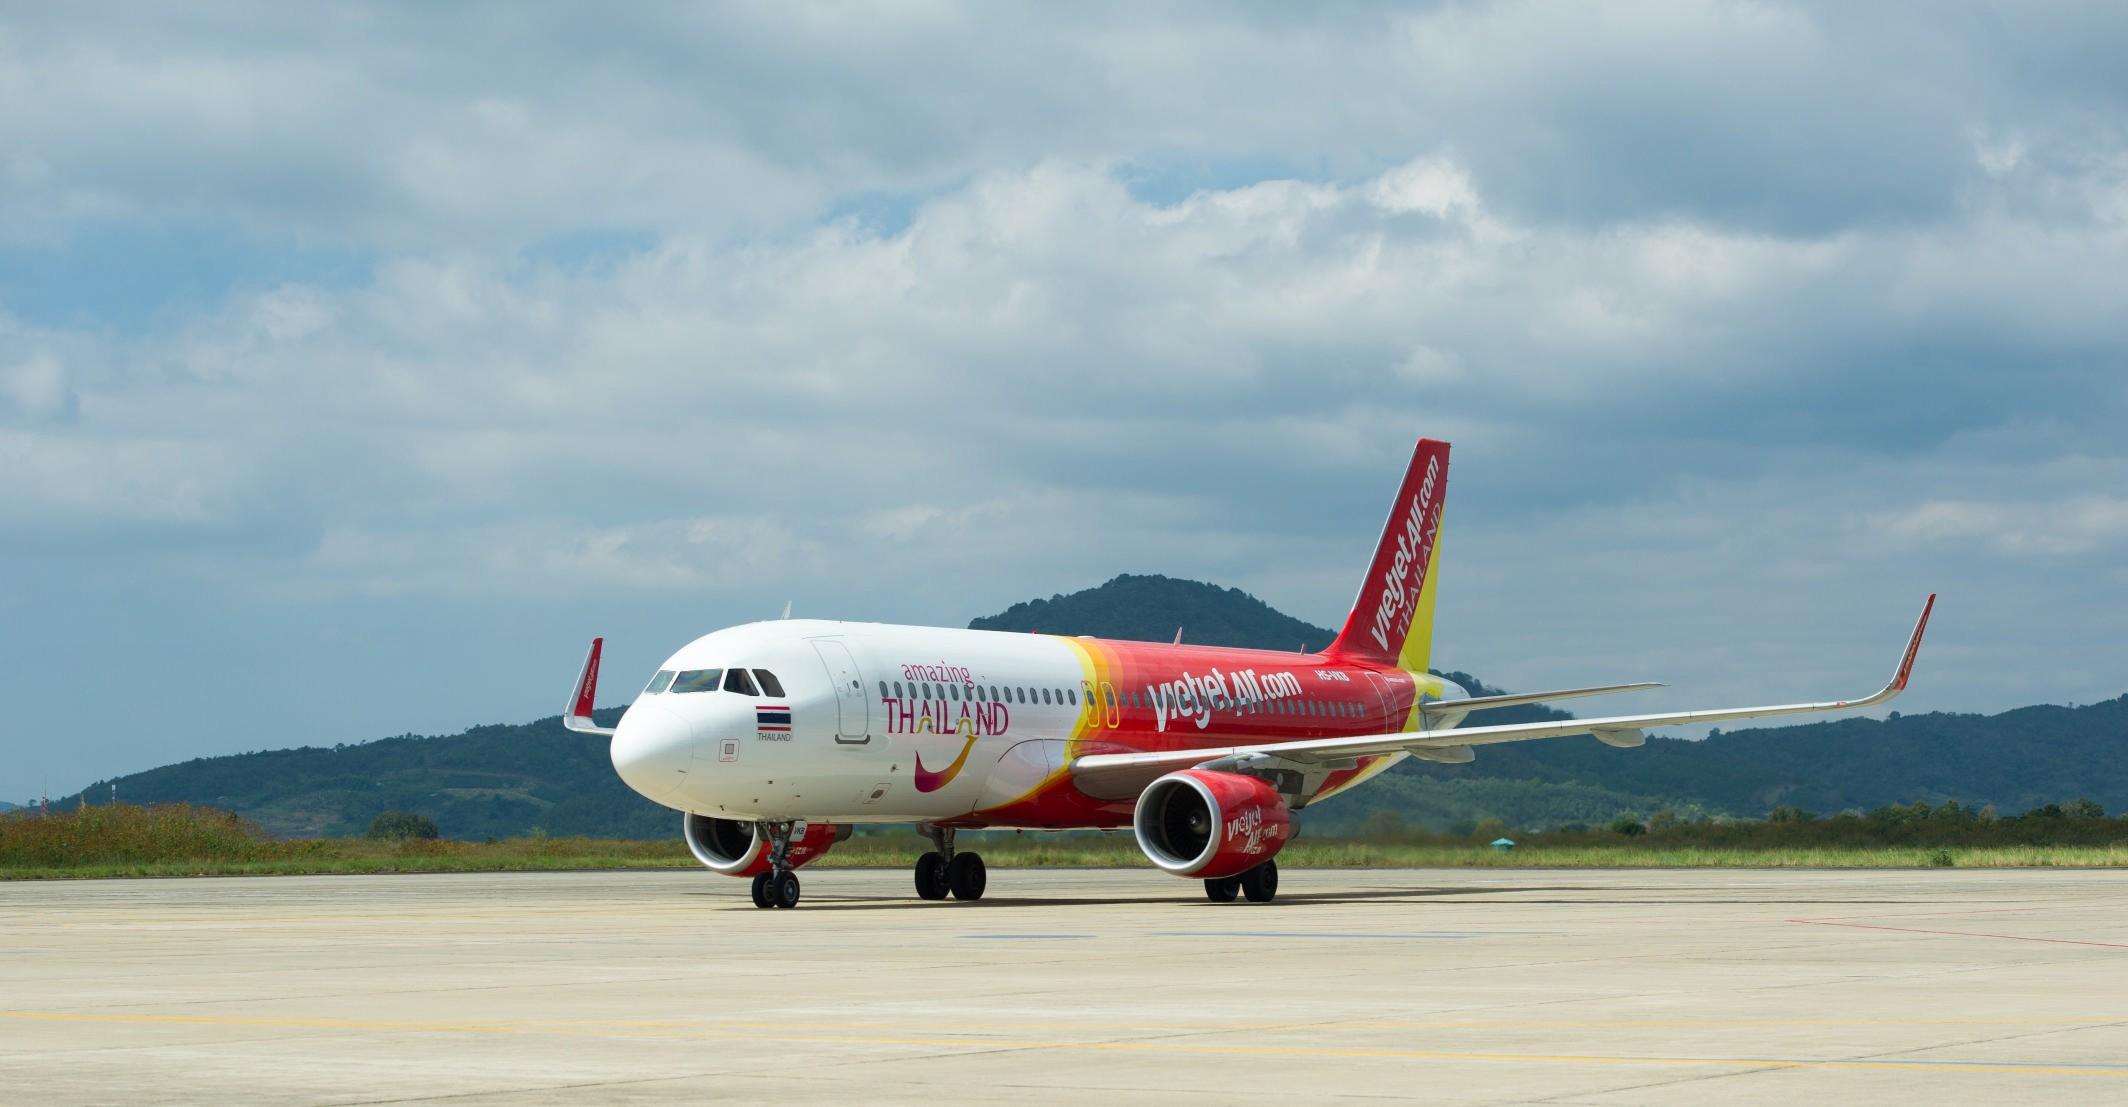 Vietjet khuyến mại lớn cho các đường bay tại Thái Lan với giá chỉ từ 9 Baht